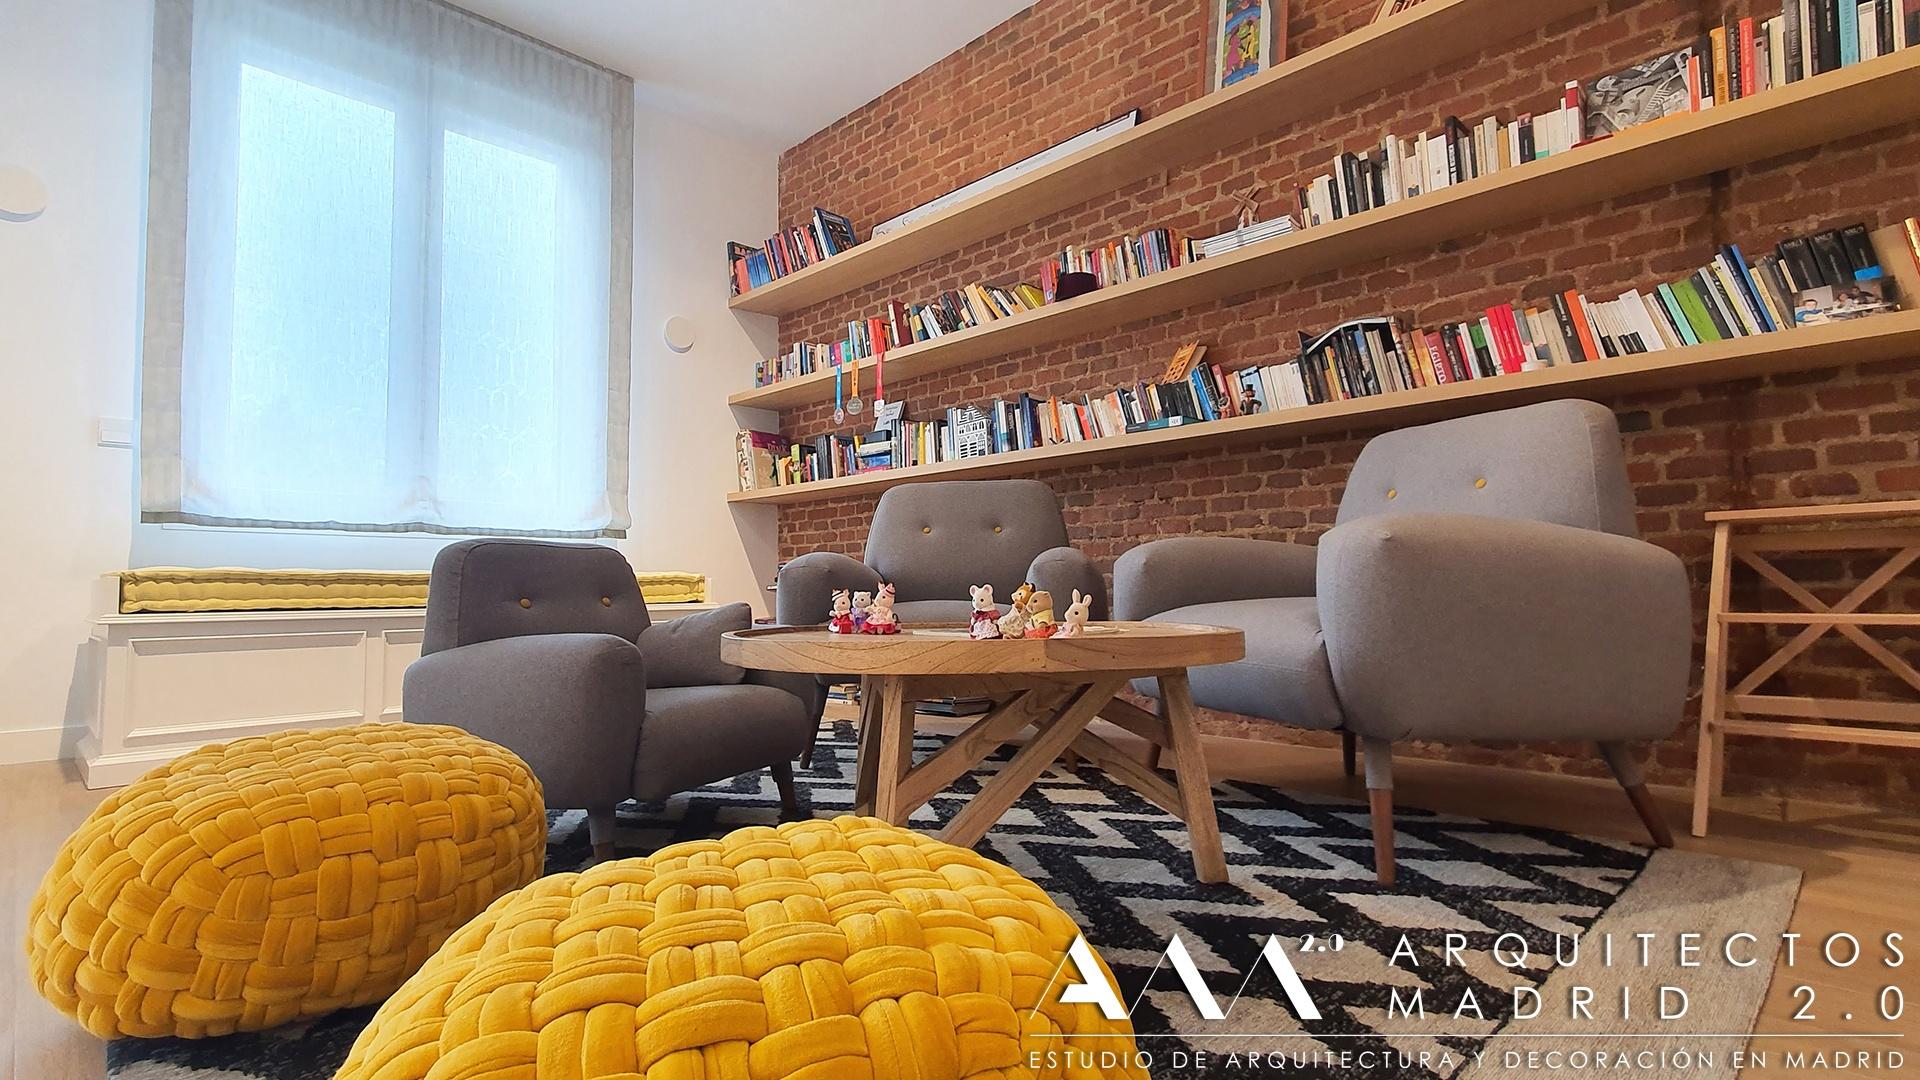 proyecto-reforma-integral-vivienda-arquitectos-madrid-ideas-decoracion-salon-cocina-home-interior-design-23